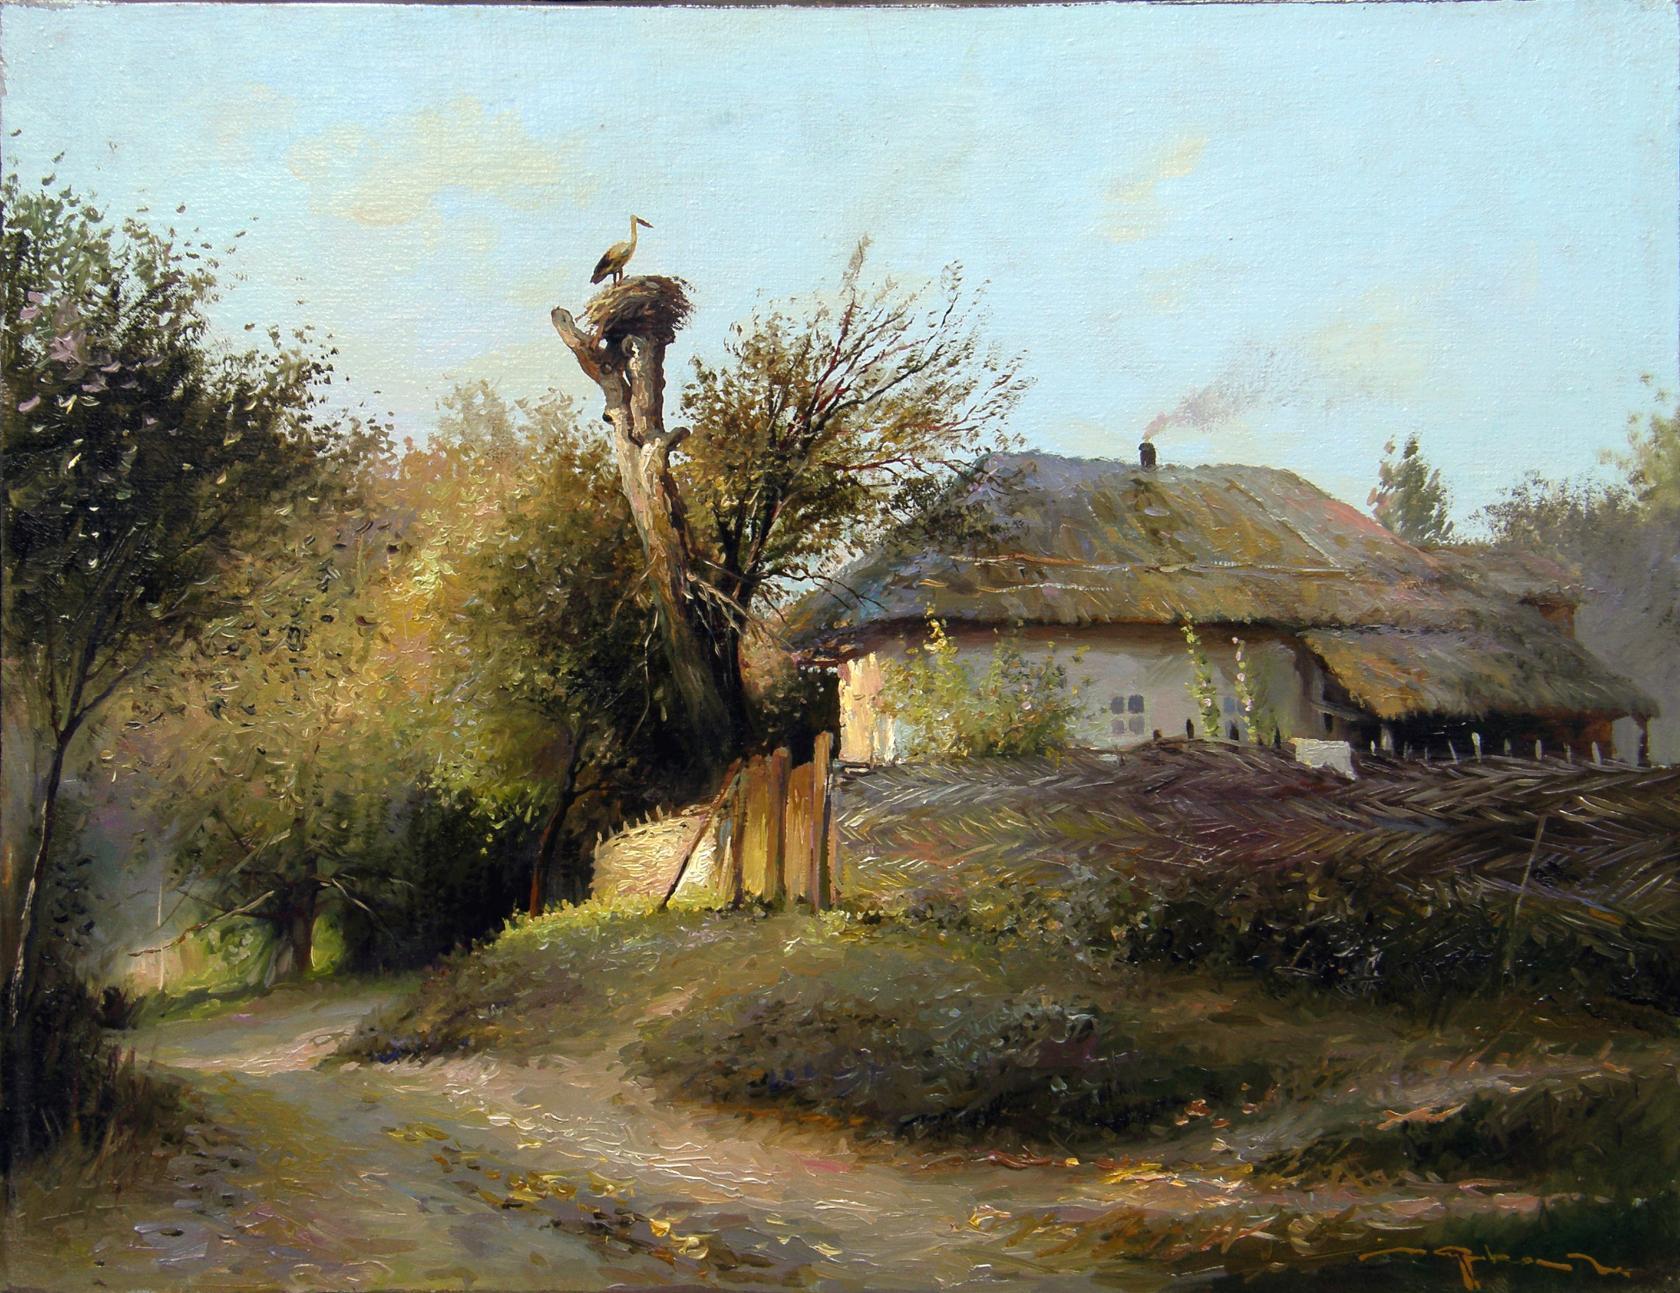 Картинки украинских художников, картинки